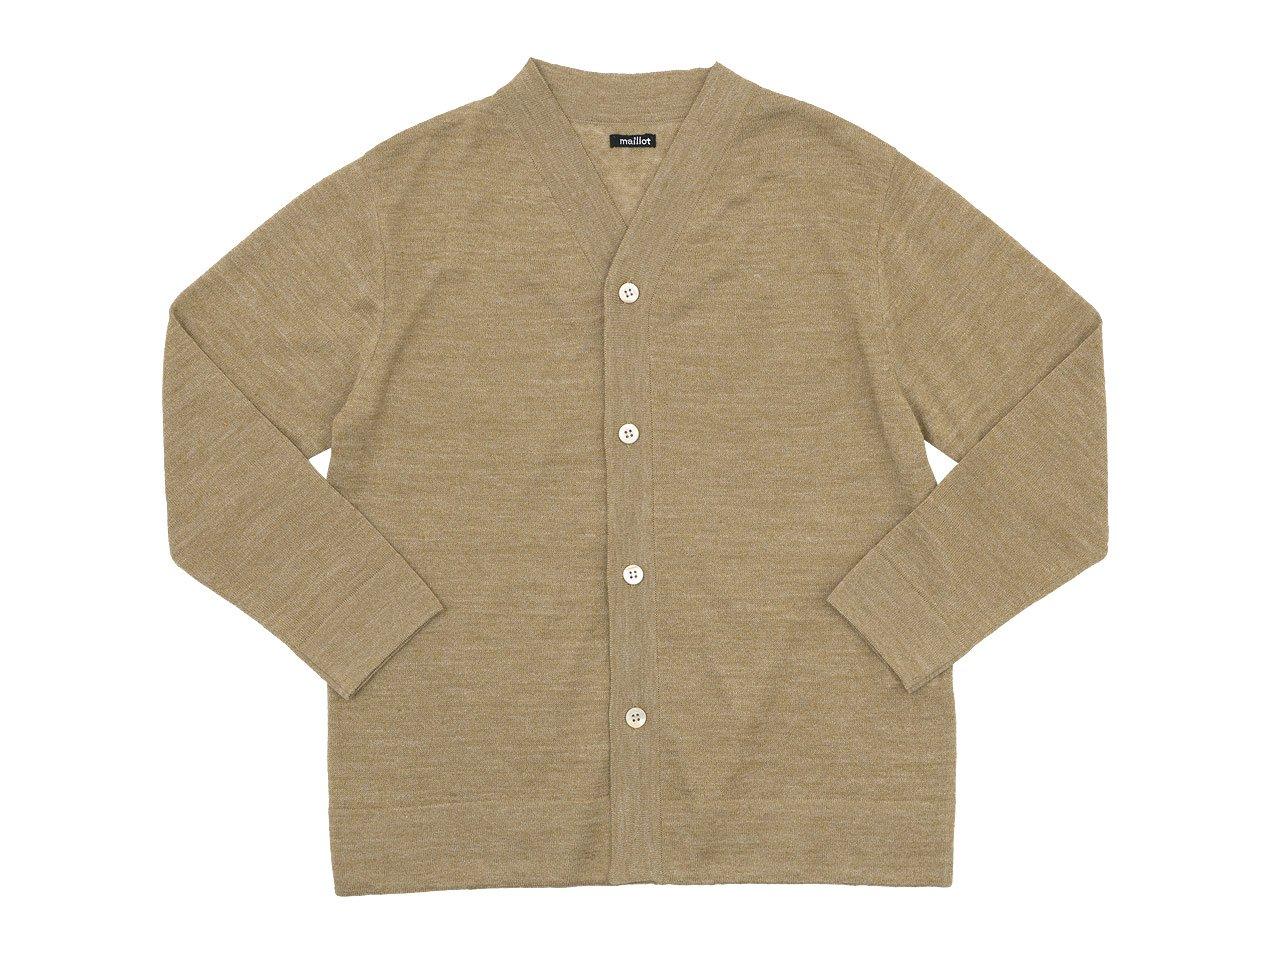 maillot mature linen summer cardigan BEIGE